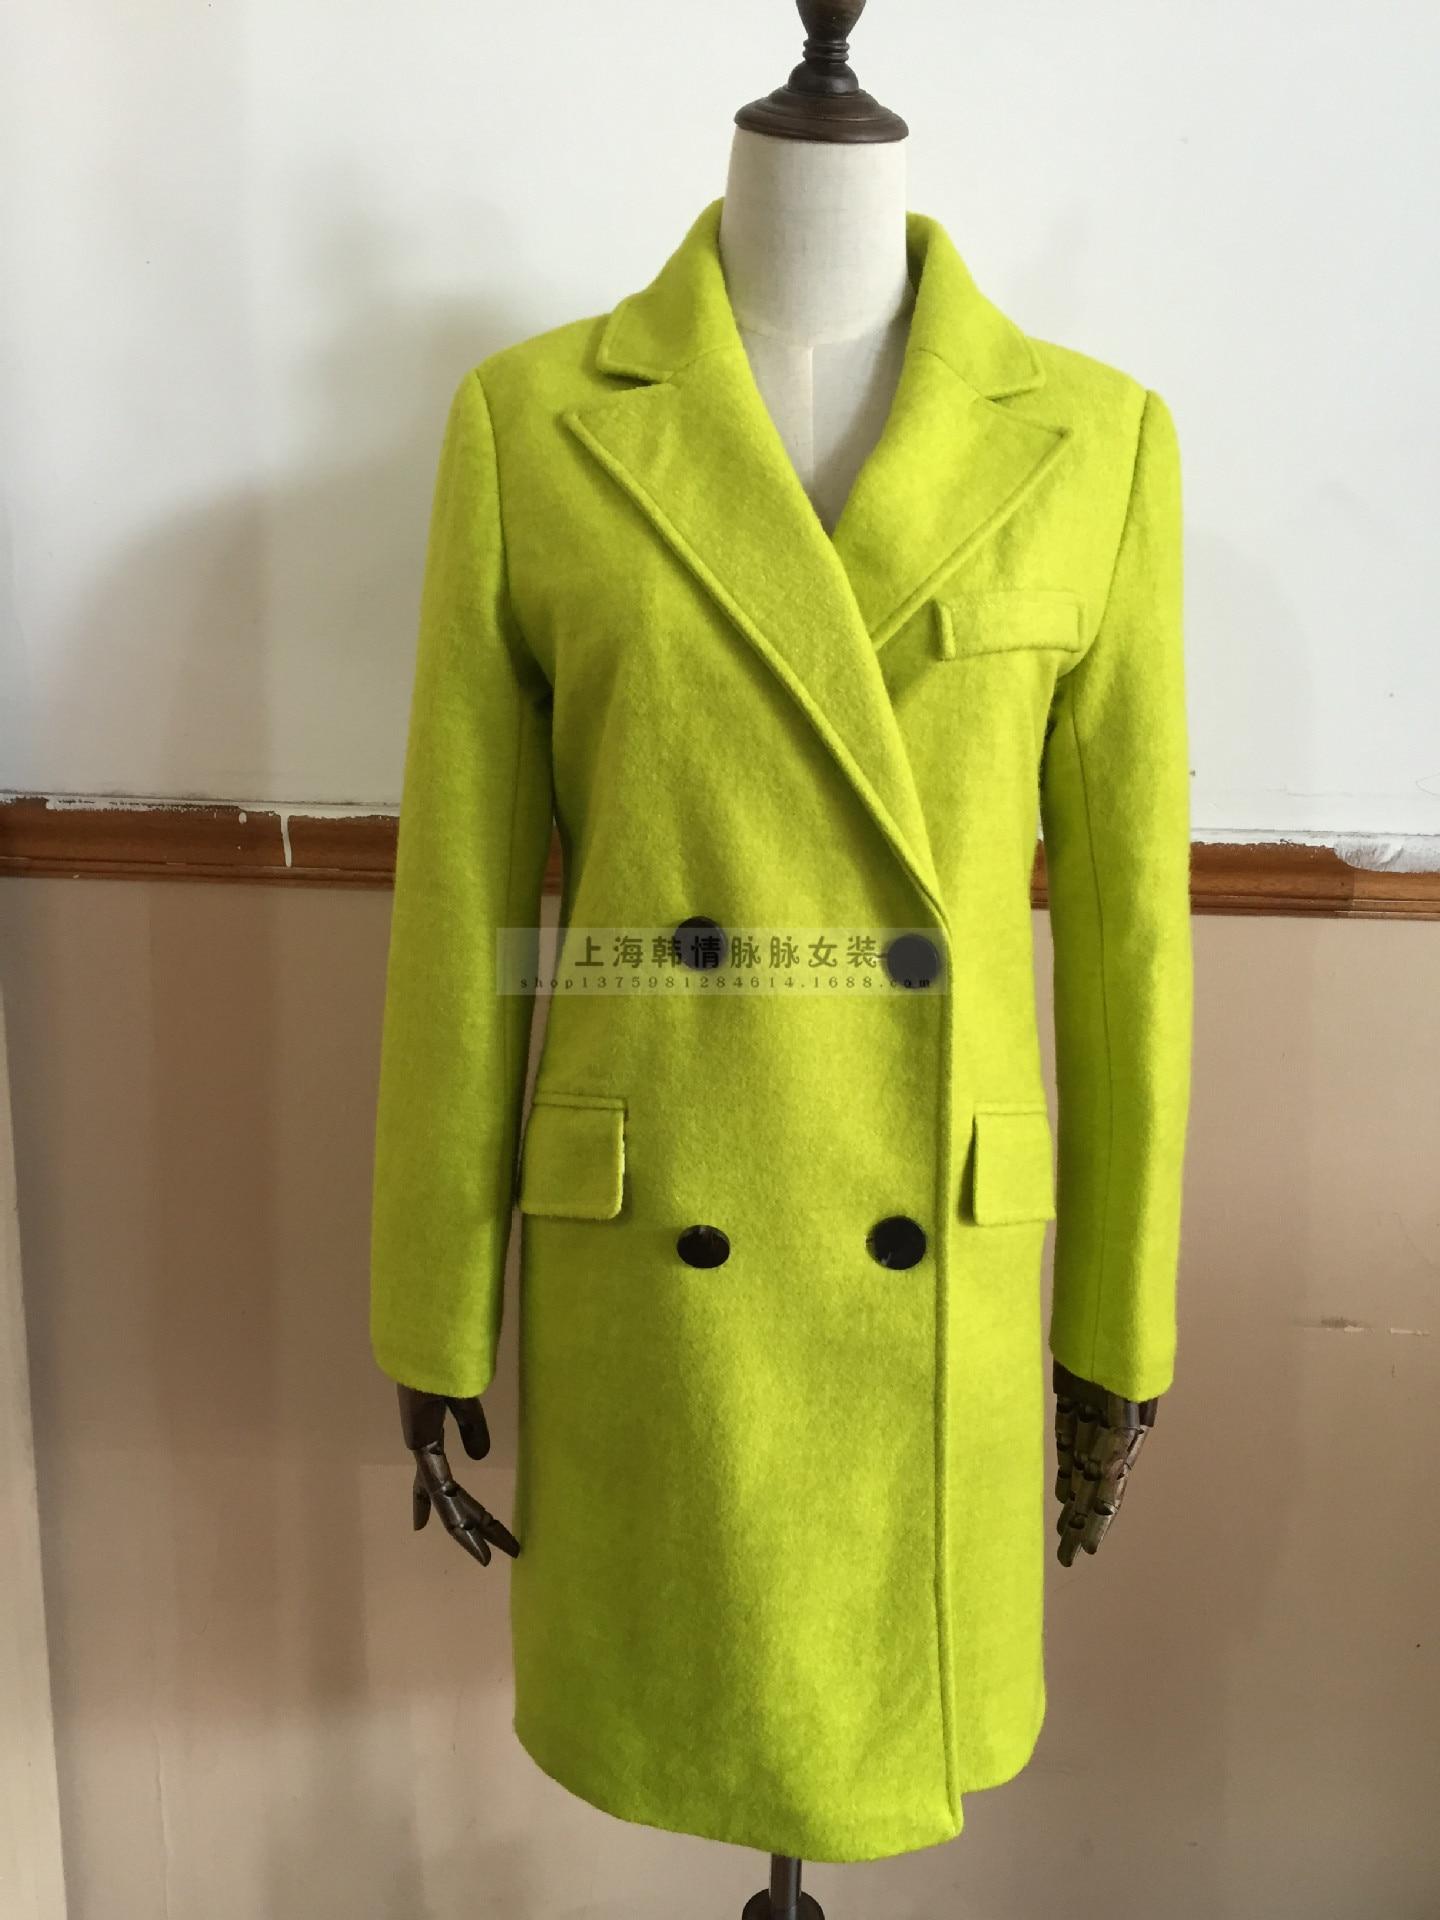 Double Femelle 2018 Femmes Noir Mode Automne Manteaux En Manteau Laine jaune Longue Boutonnage Hiver Mélange Cachemire Épaississent RYqSYwPr